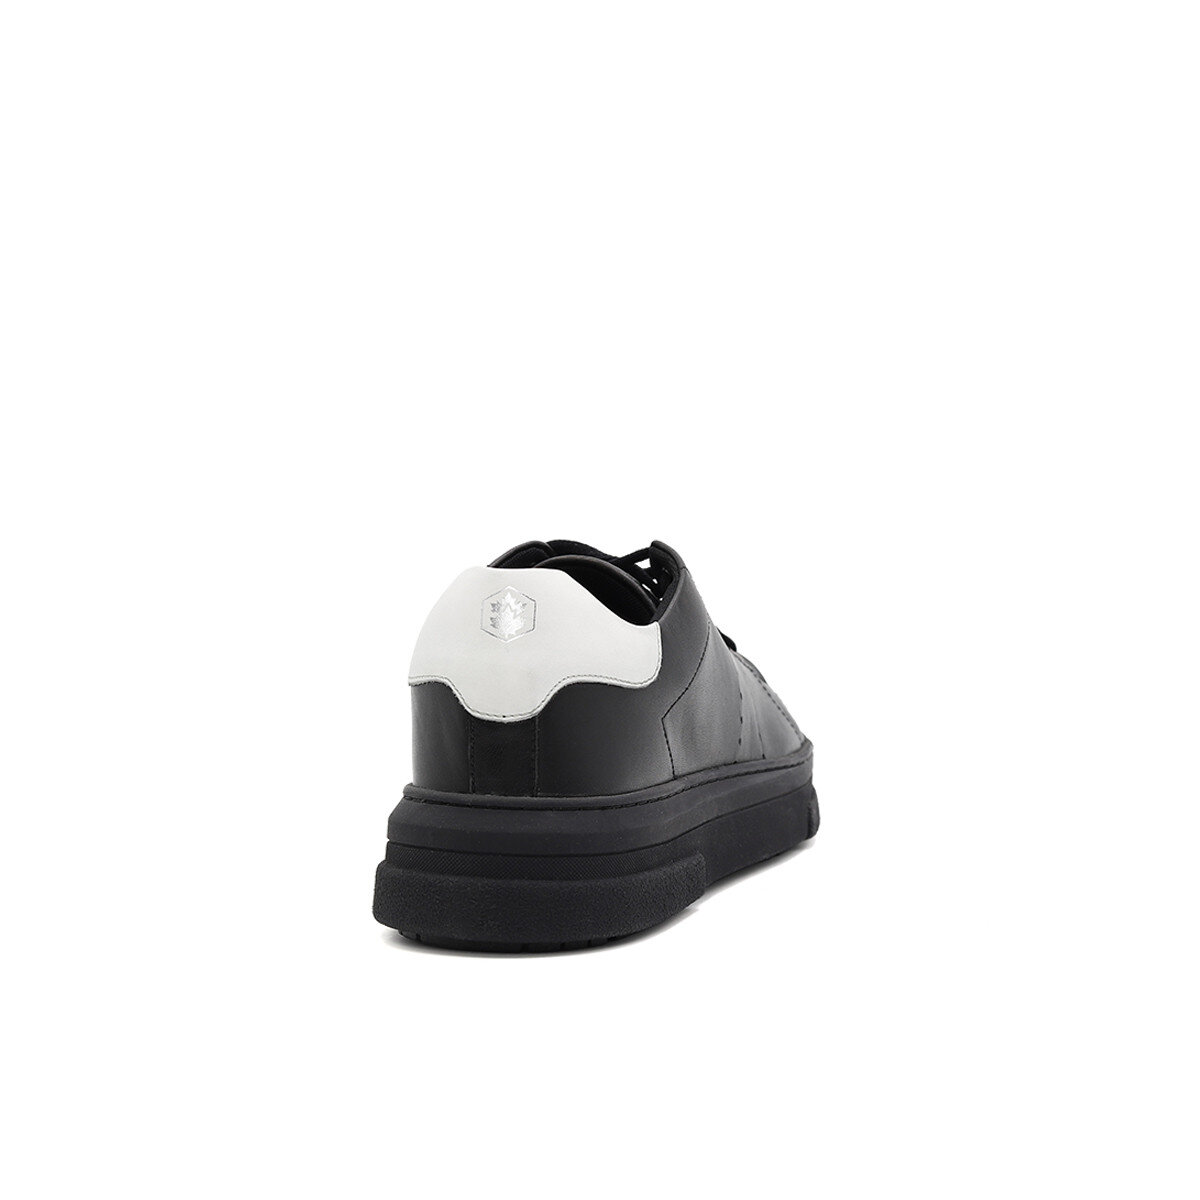 JACKSON Sneakers Uomo